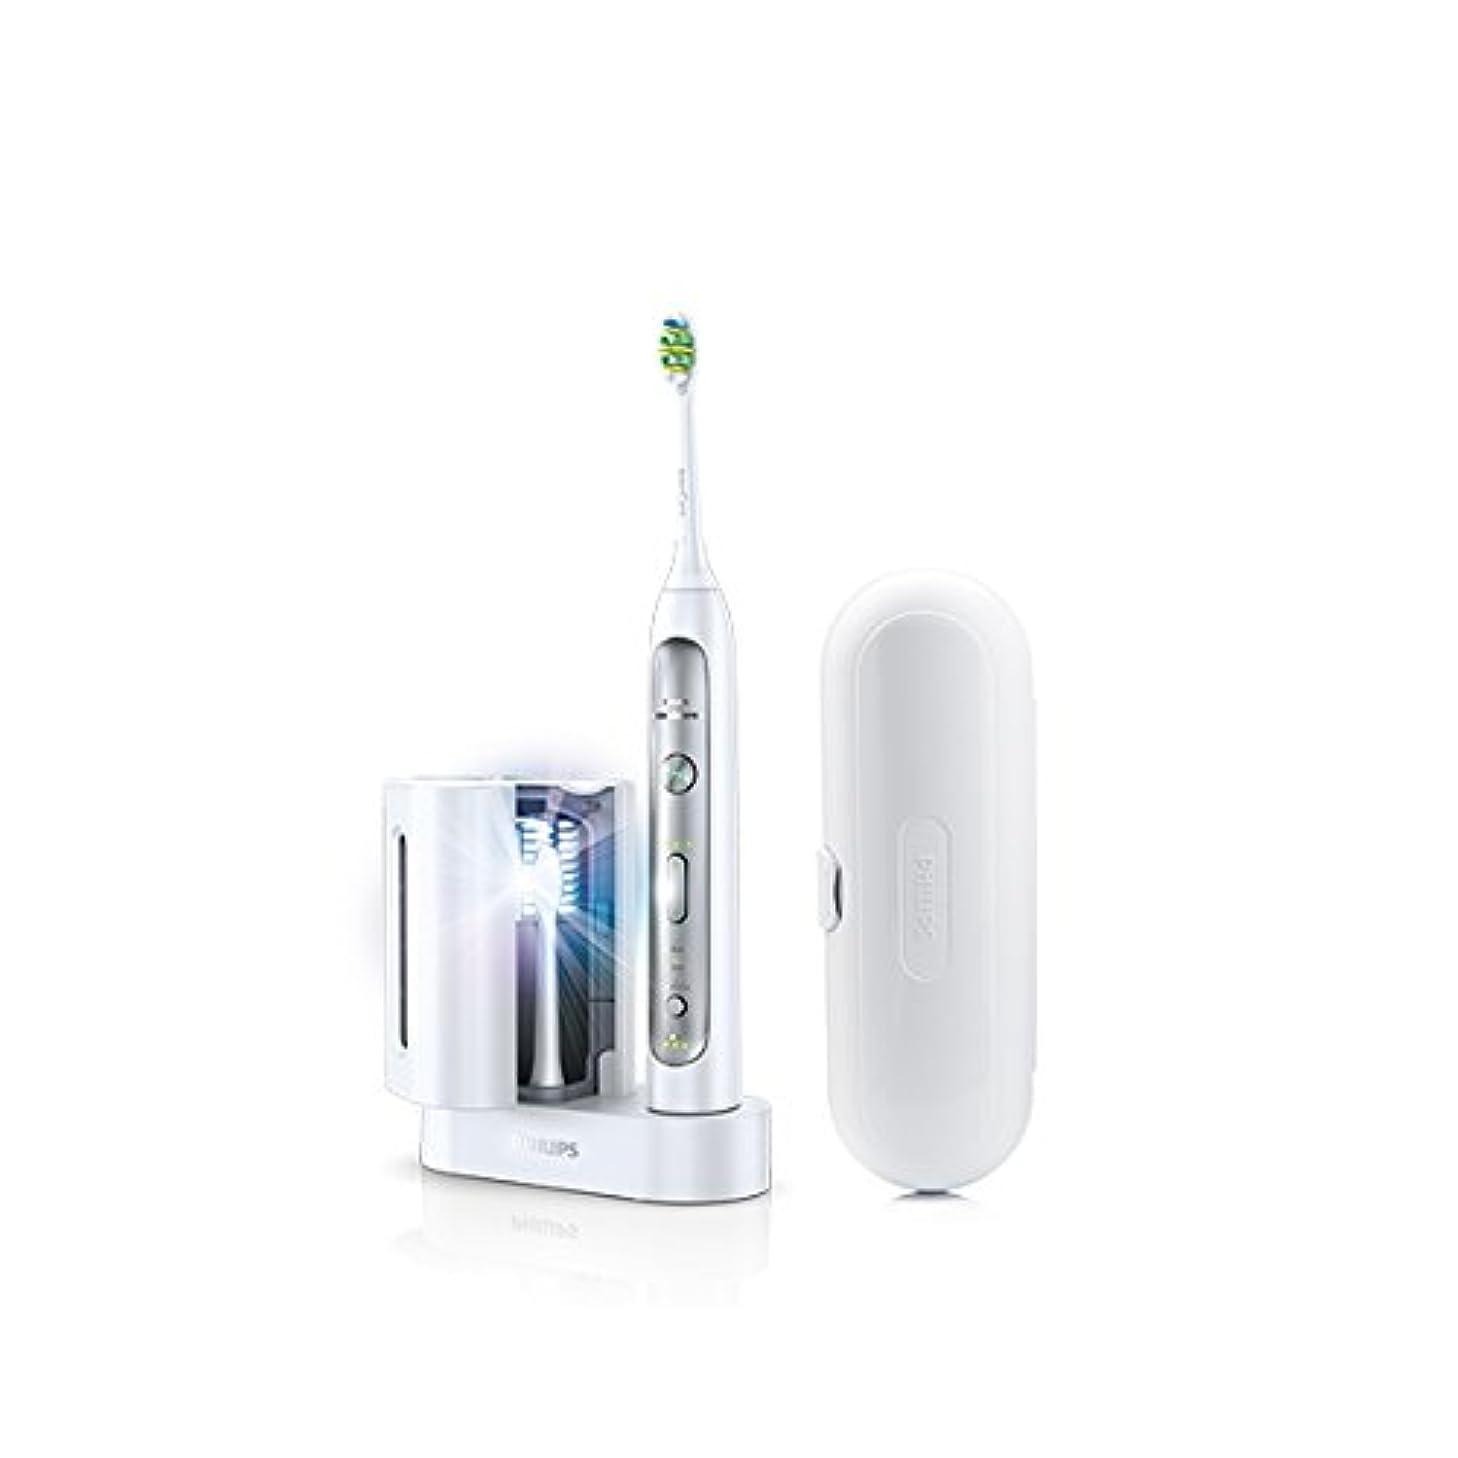 磁石シールド資本主義ソニッケアー 音波式電動歯ブラシ 「フレックスケアープラチナ」 HX9170/10